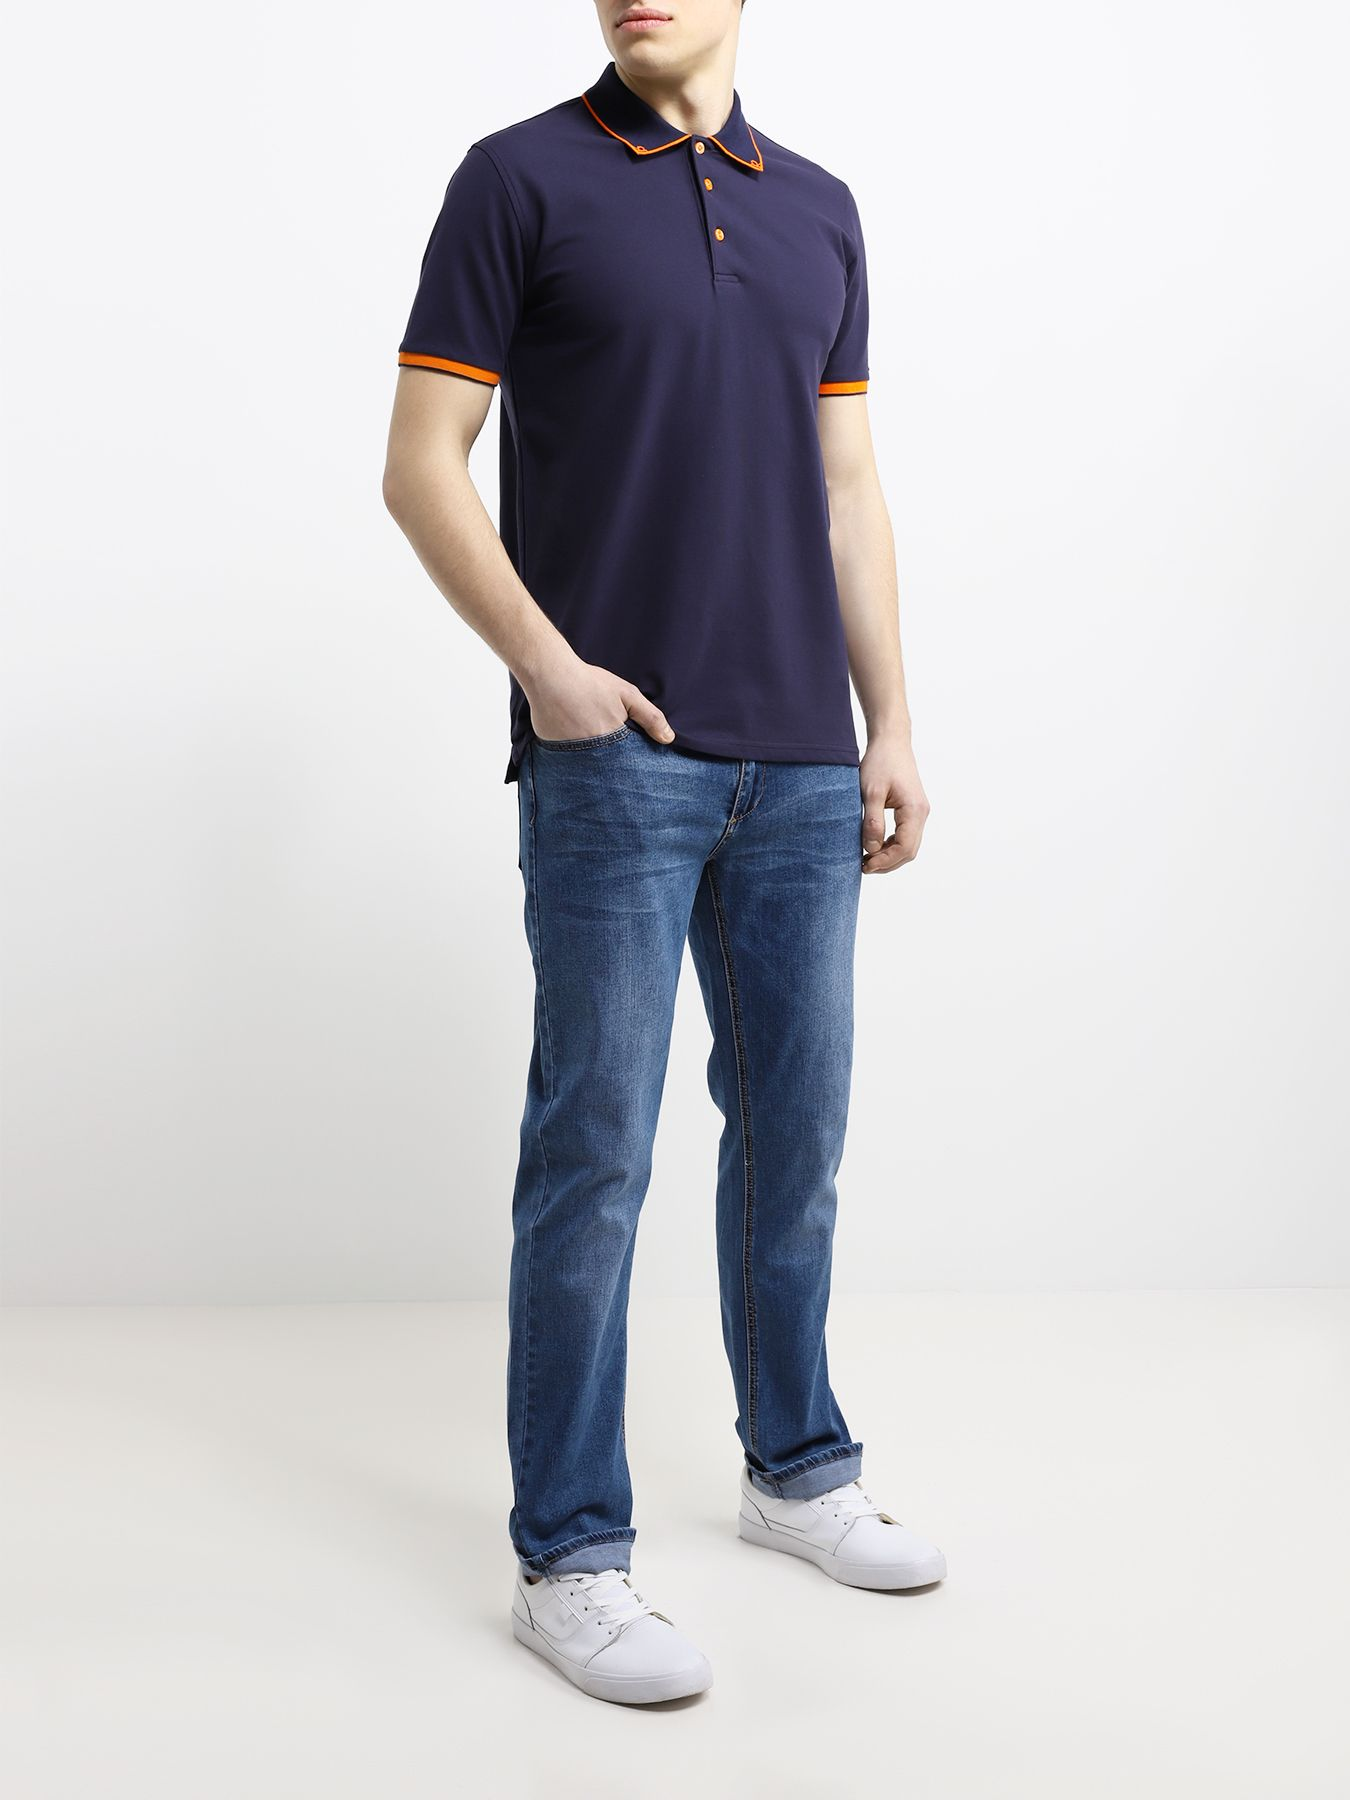 Брюки Alessandro Manzoni Jeans Прямые джинсы брюки ritter jeans прямые джинсы